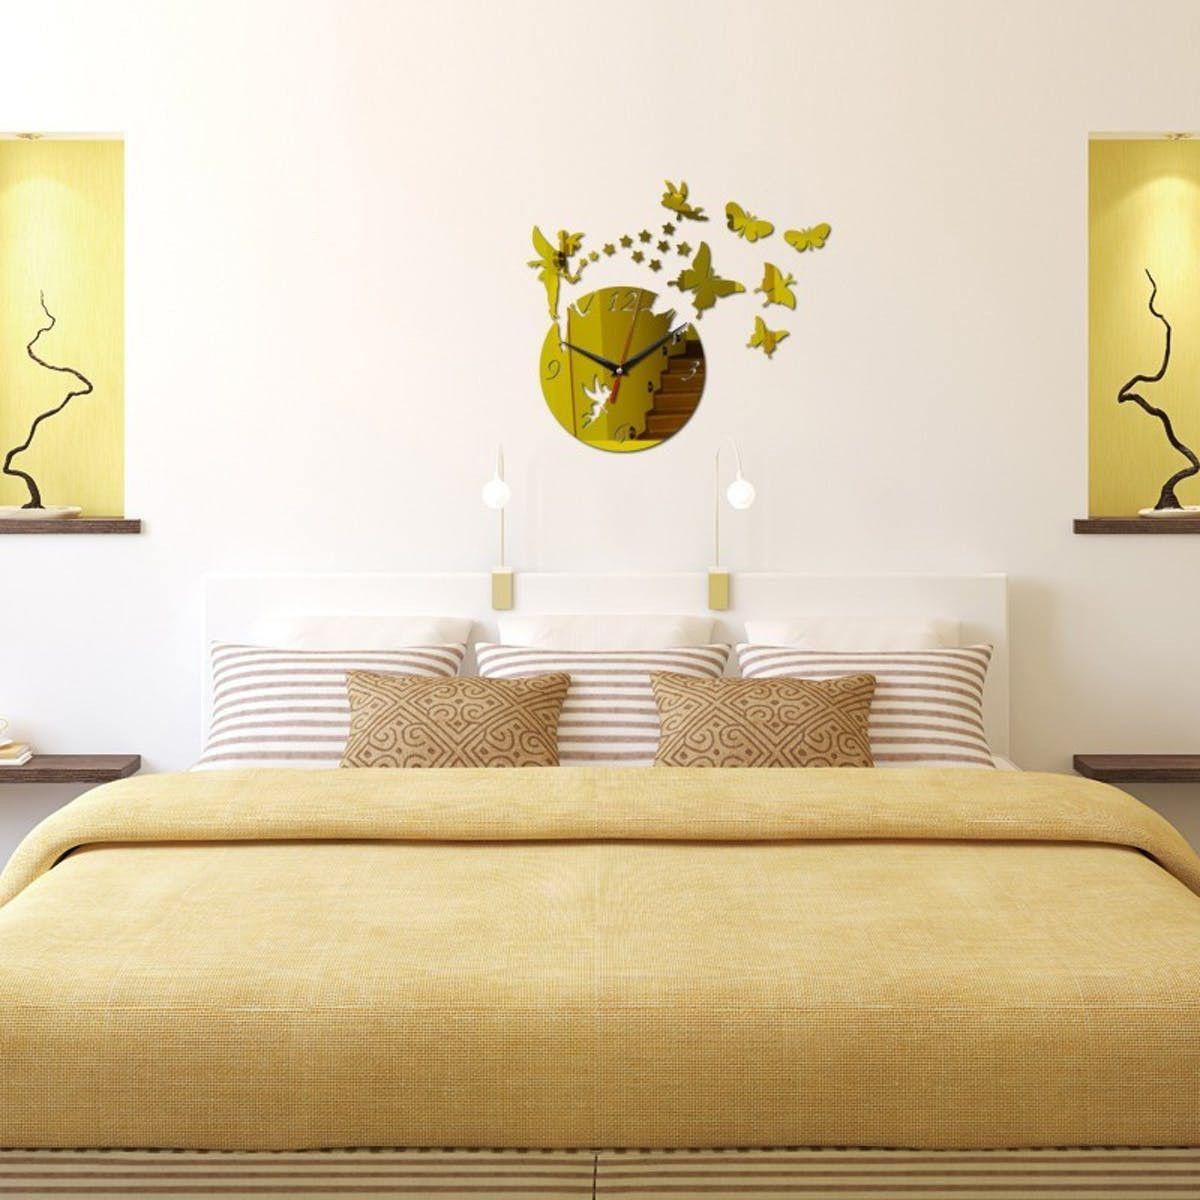 Tinkerbell Wall Clock | Products | Pinterest | Wall clocks, Clocks ...